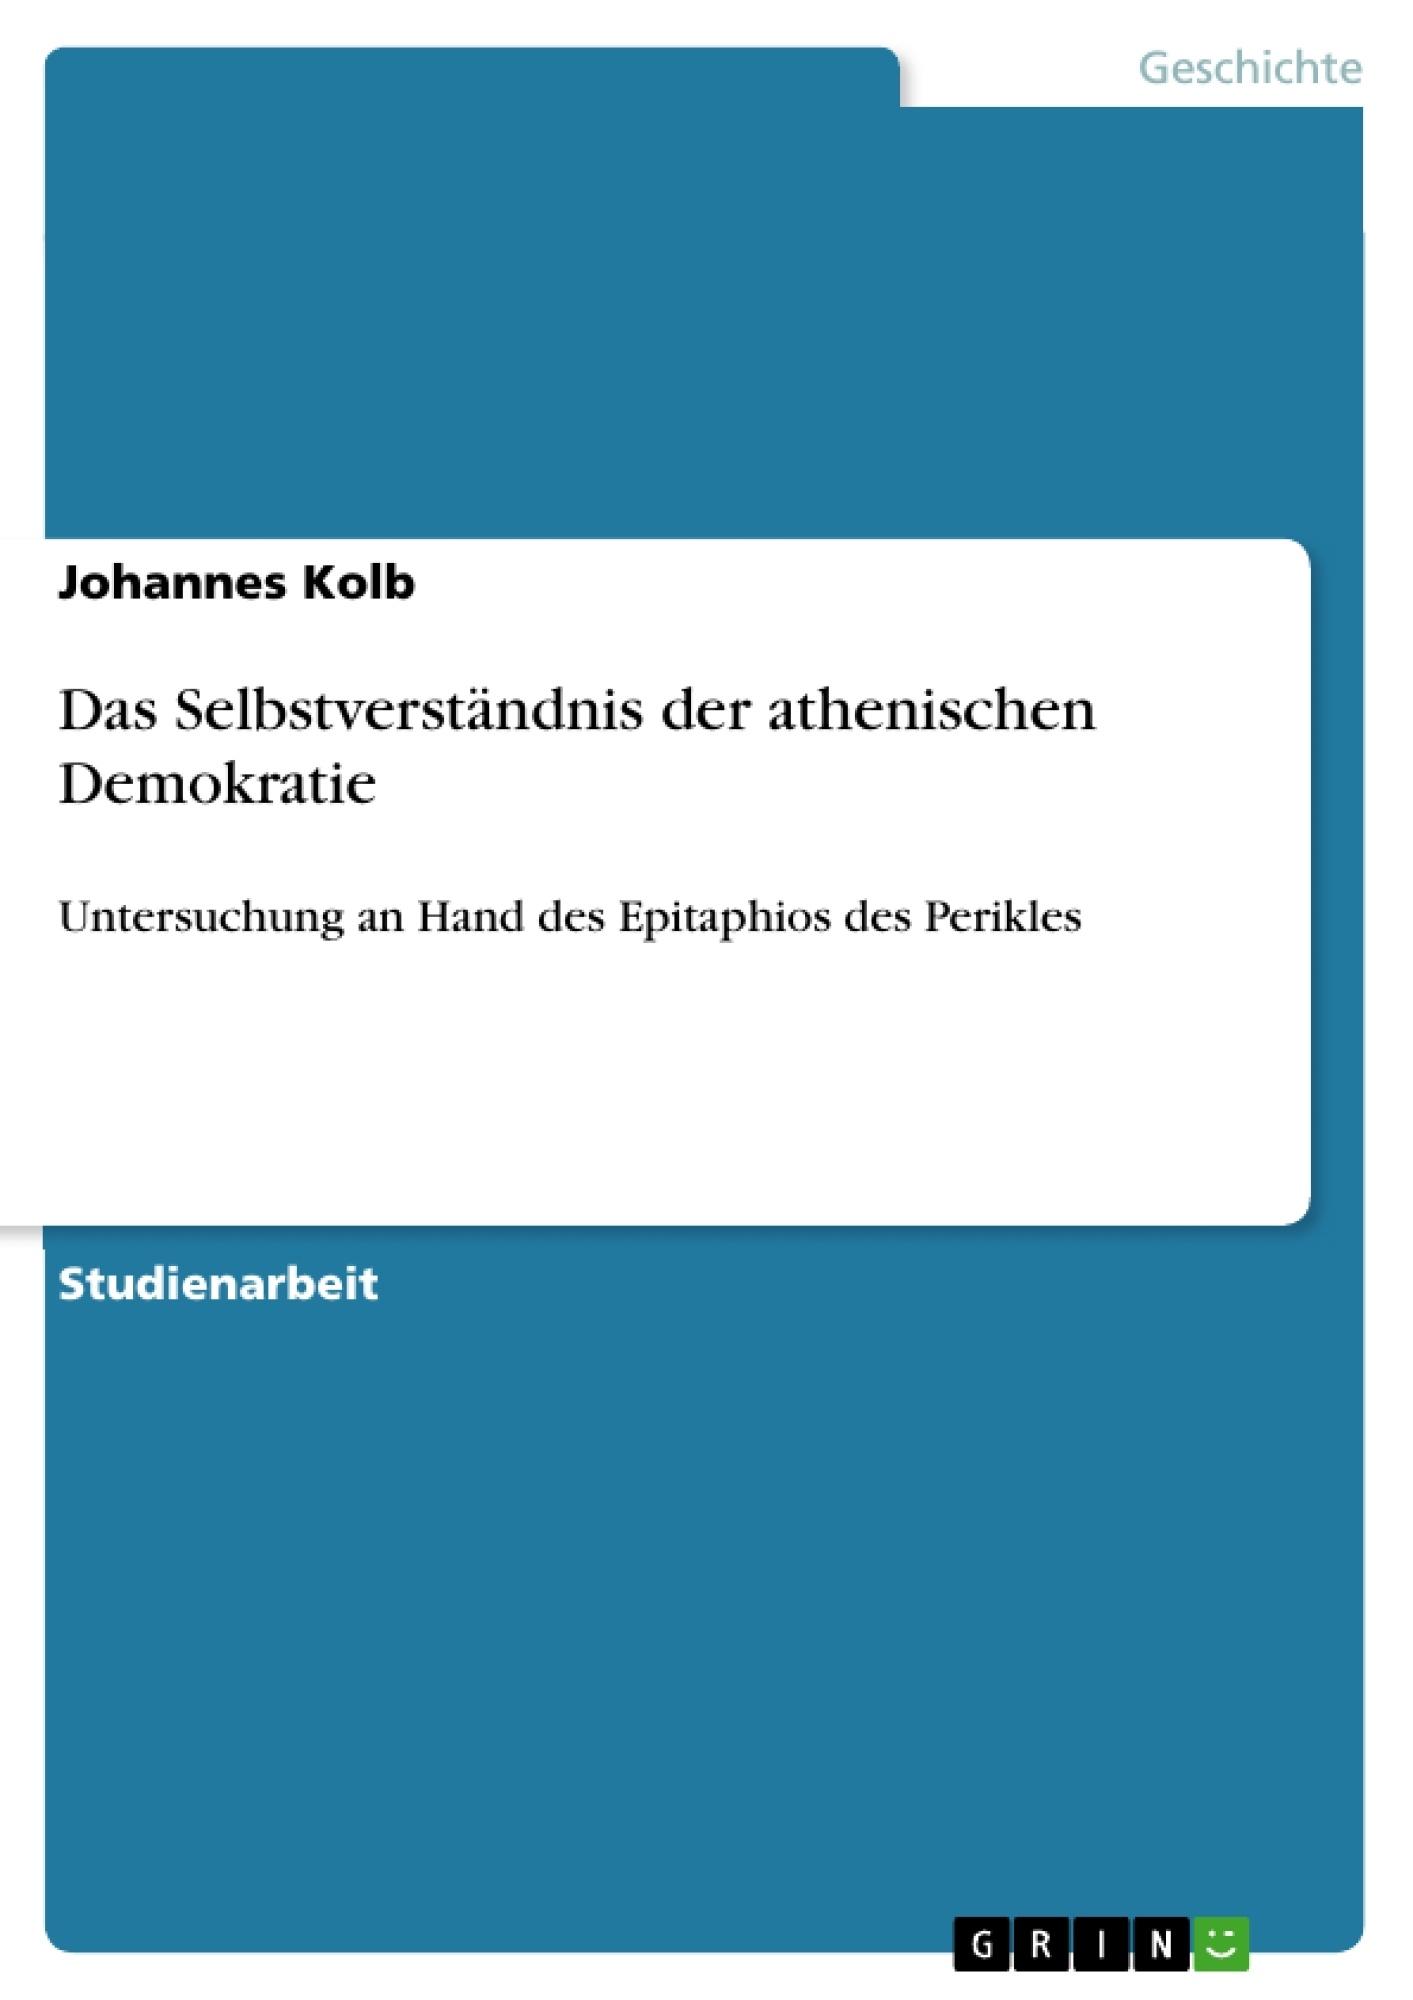 Titel: Das Selbstverständnis der athenischen Demokratie